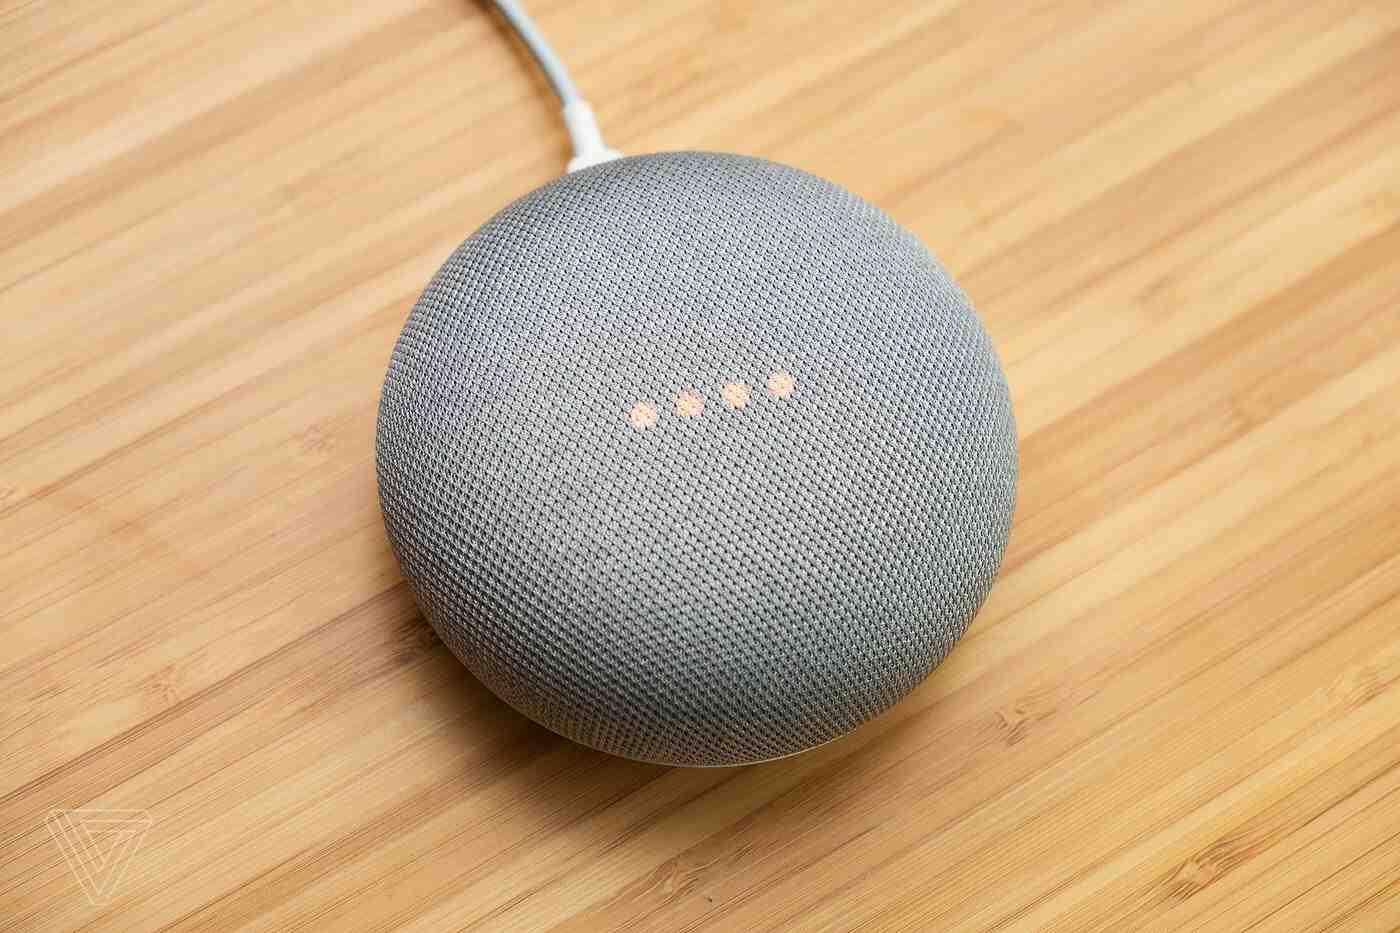 Comment installer google home mini